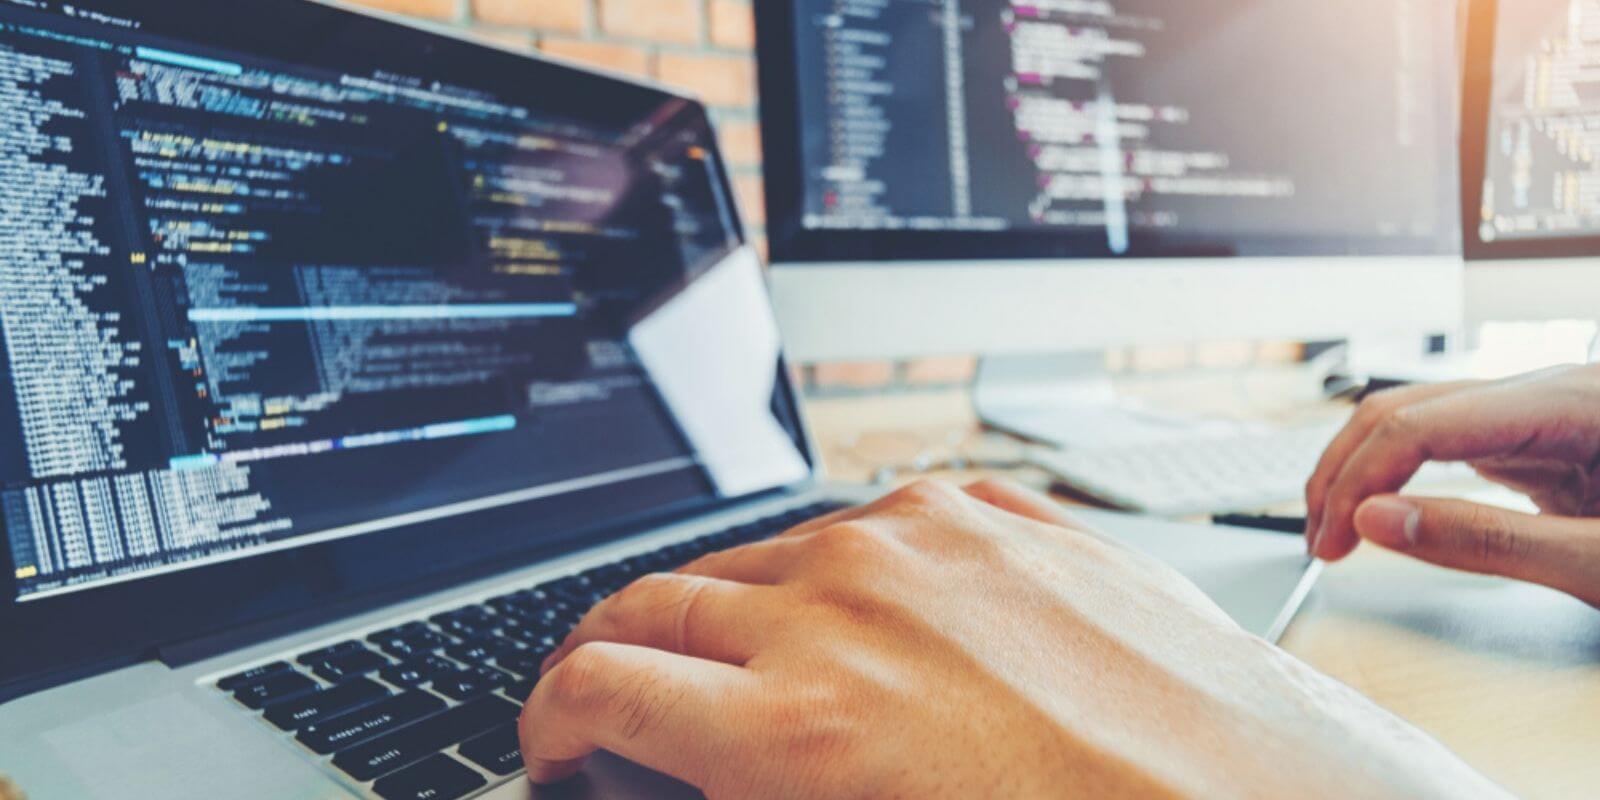 Etude Indeed : les offres d'emploi cryptos sont en hausse, mais la demande ne suit pas